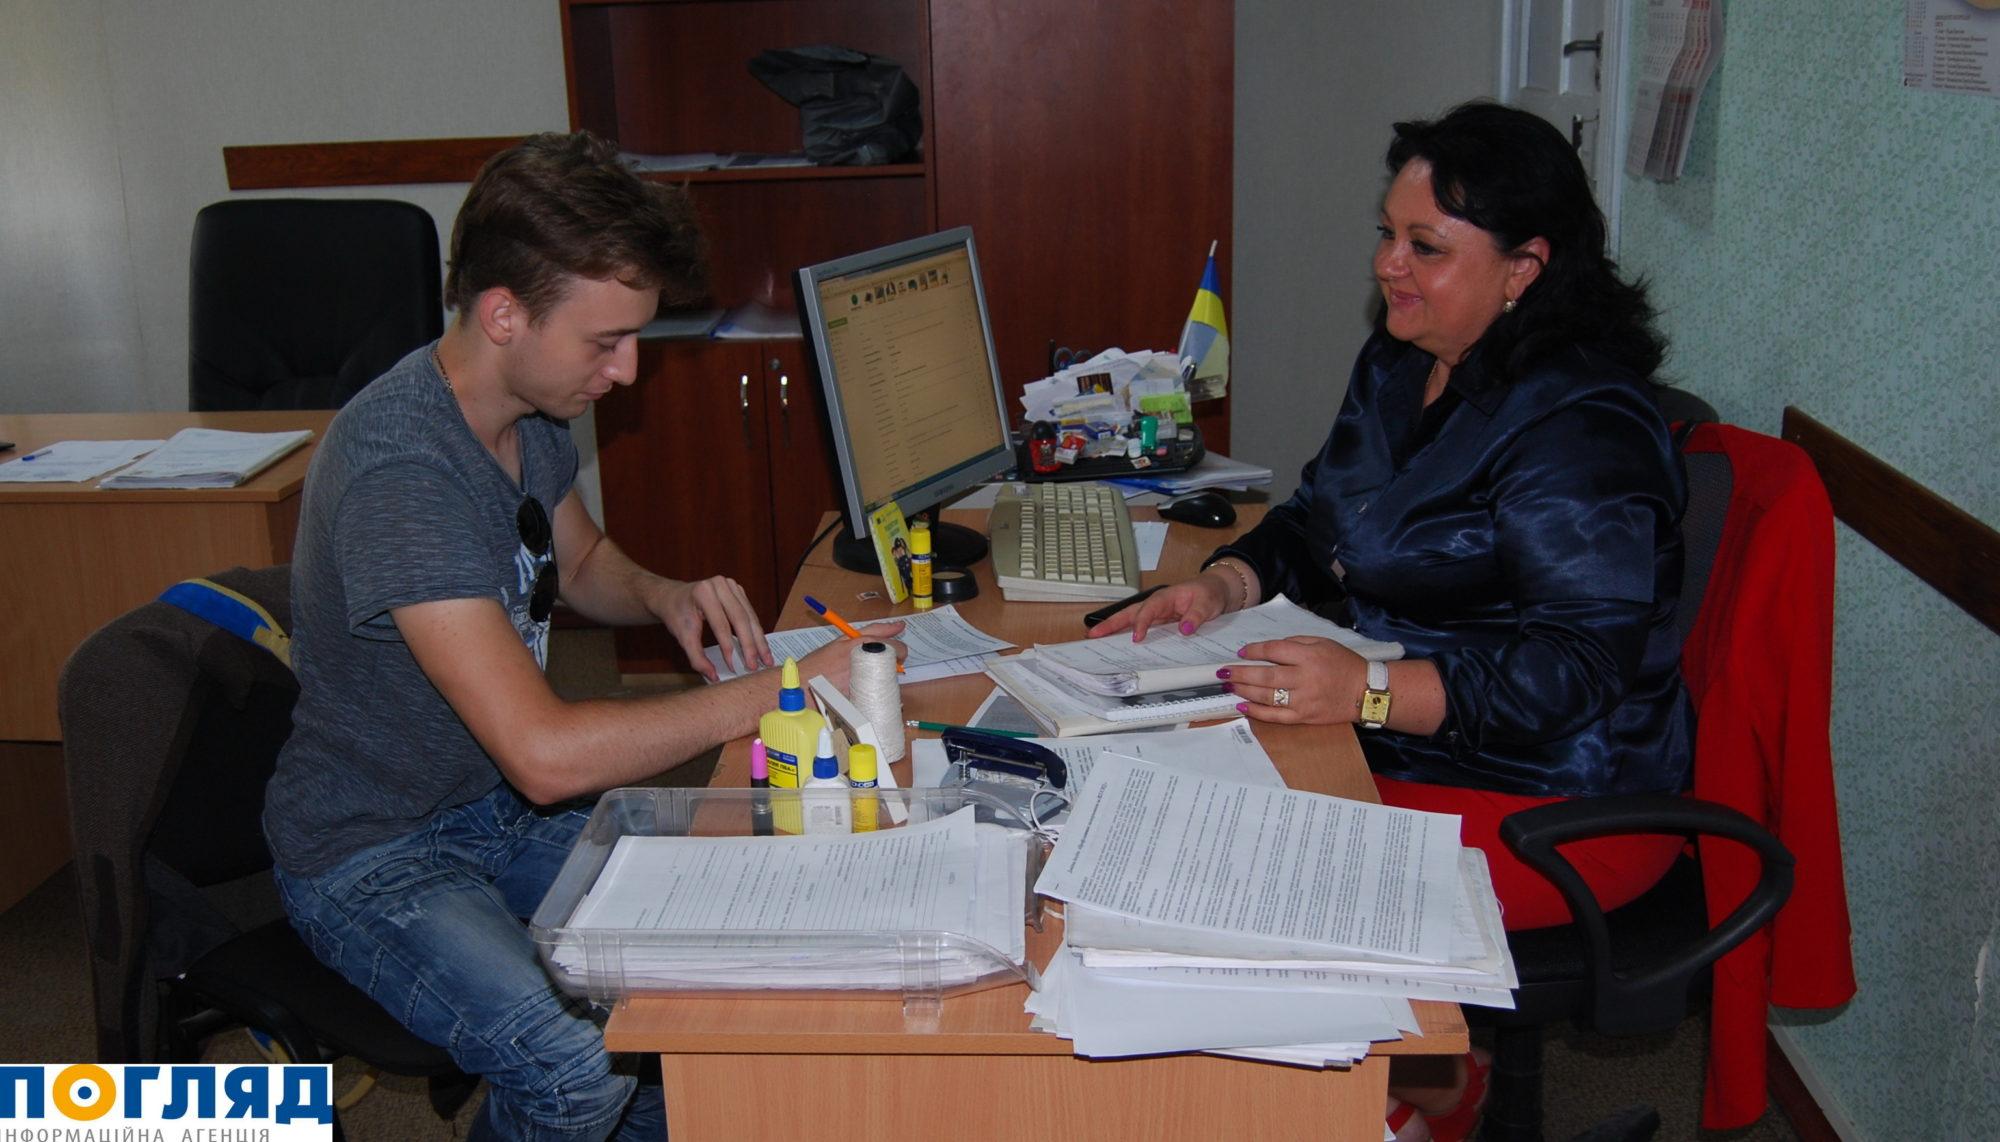 Ще один шанс: умовно засуджений юний житель Василькова успішно пройшов пробаційну програму